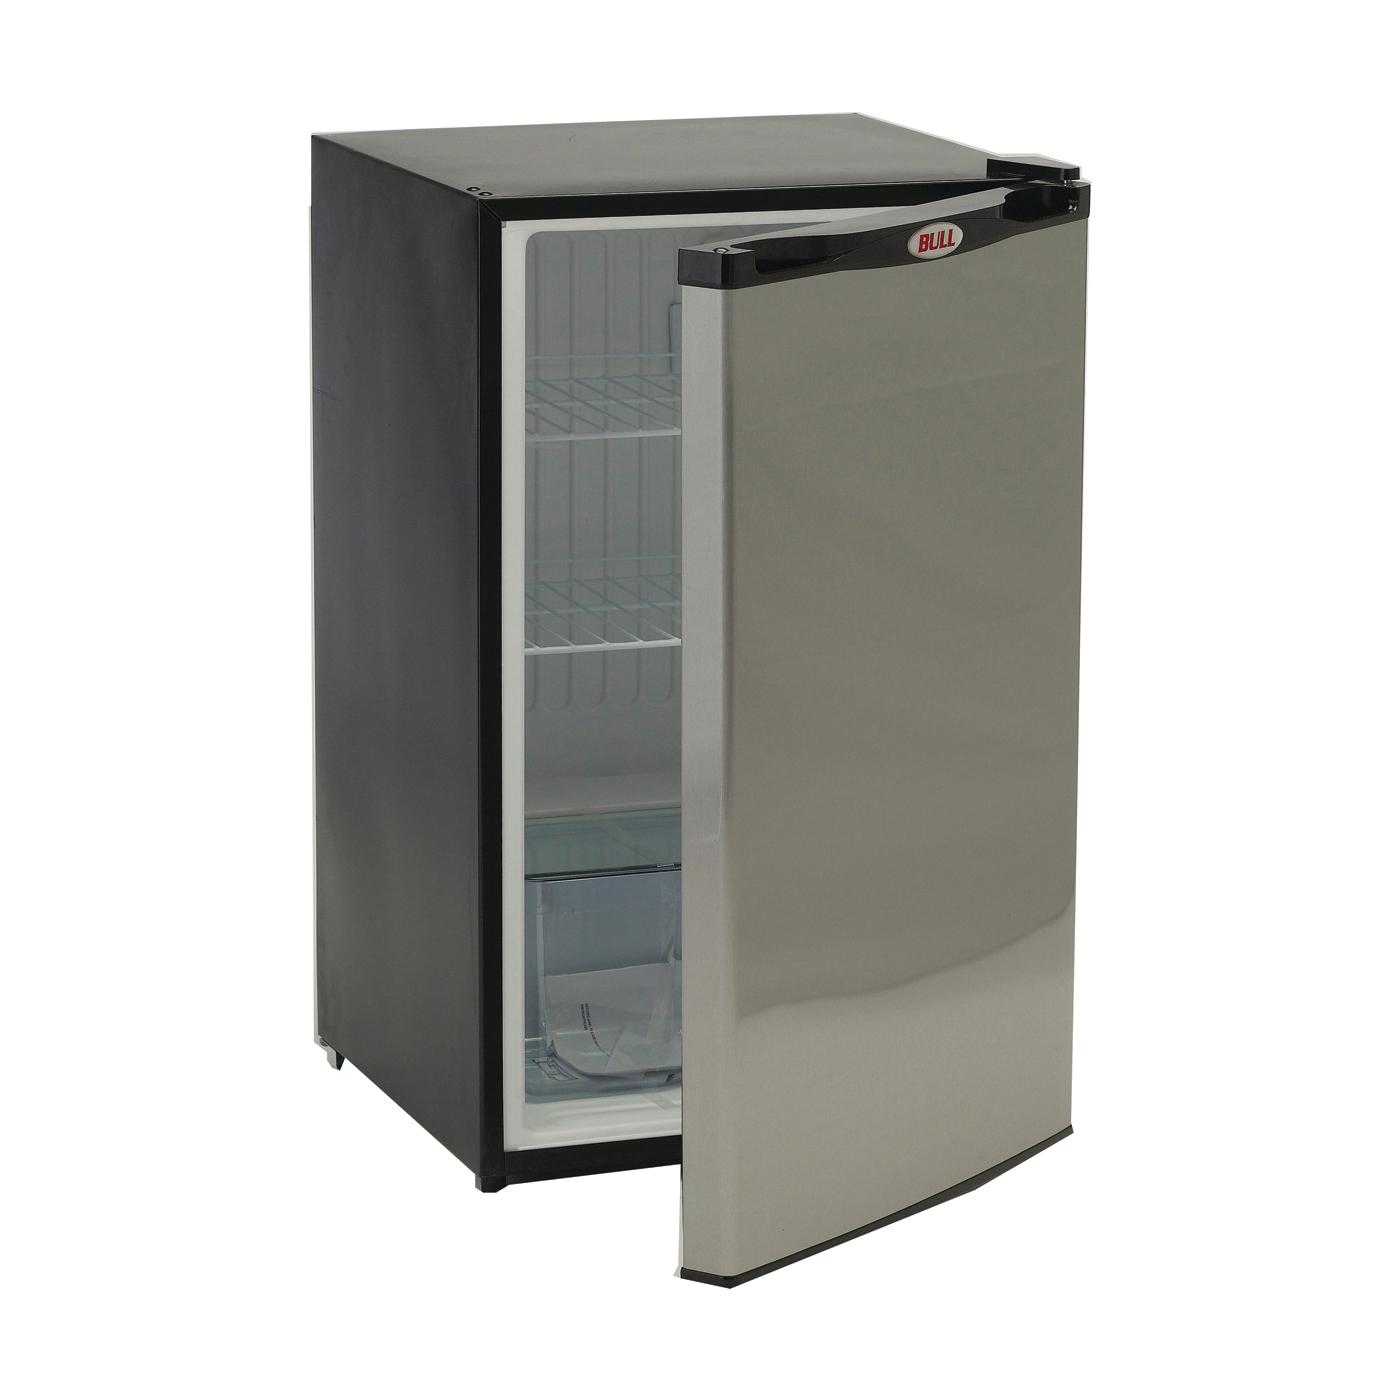 Picture of BULL 11001 Refrigerator, Reversible Door